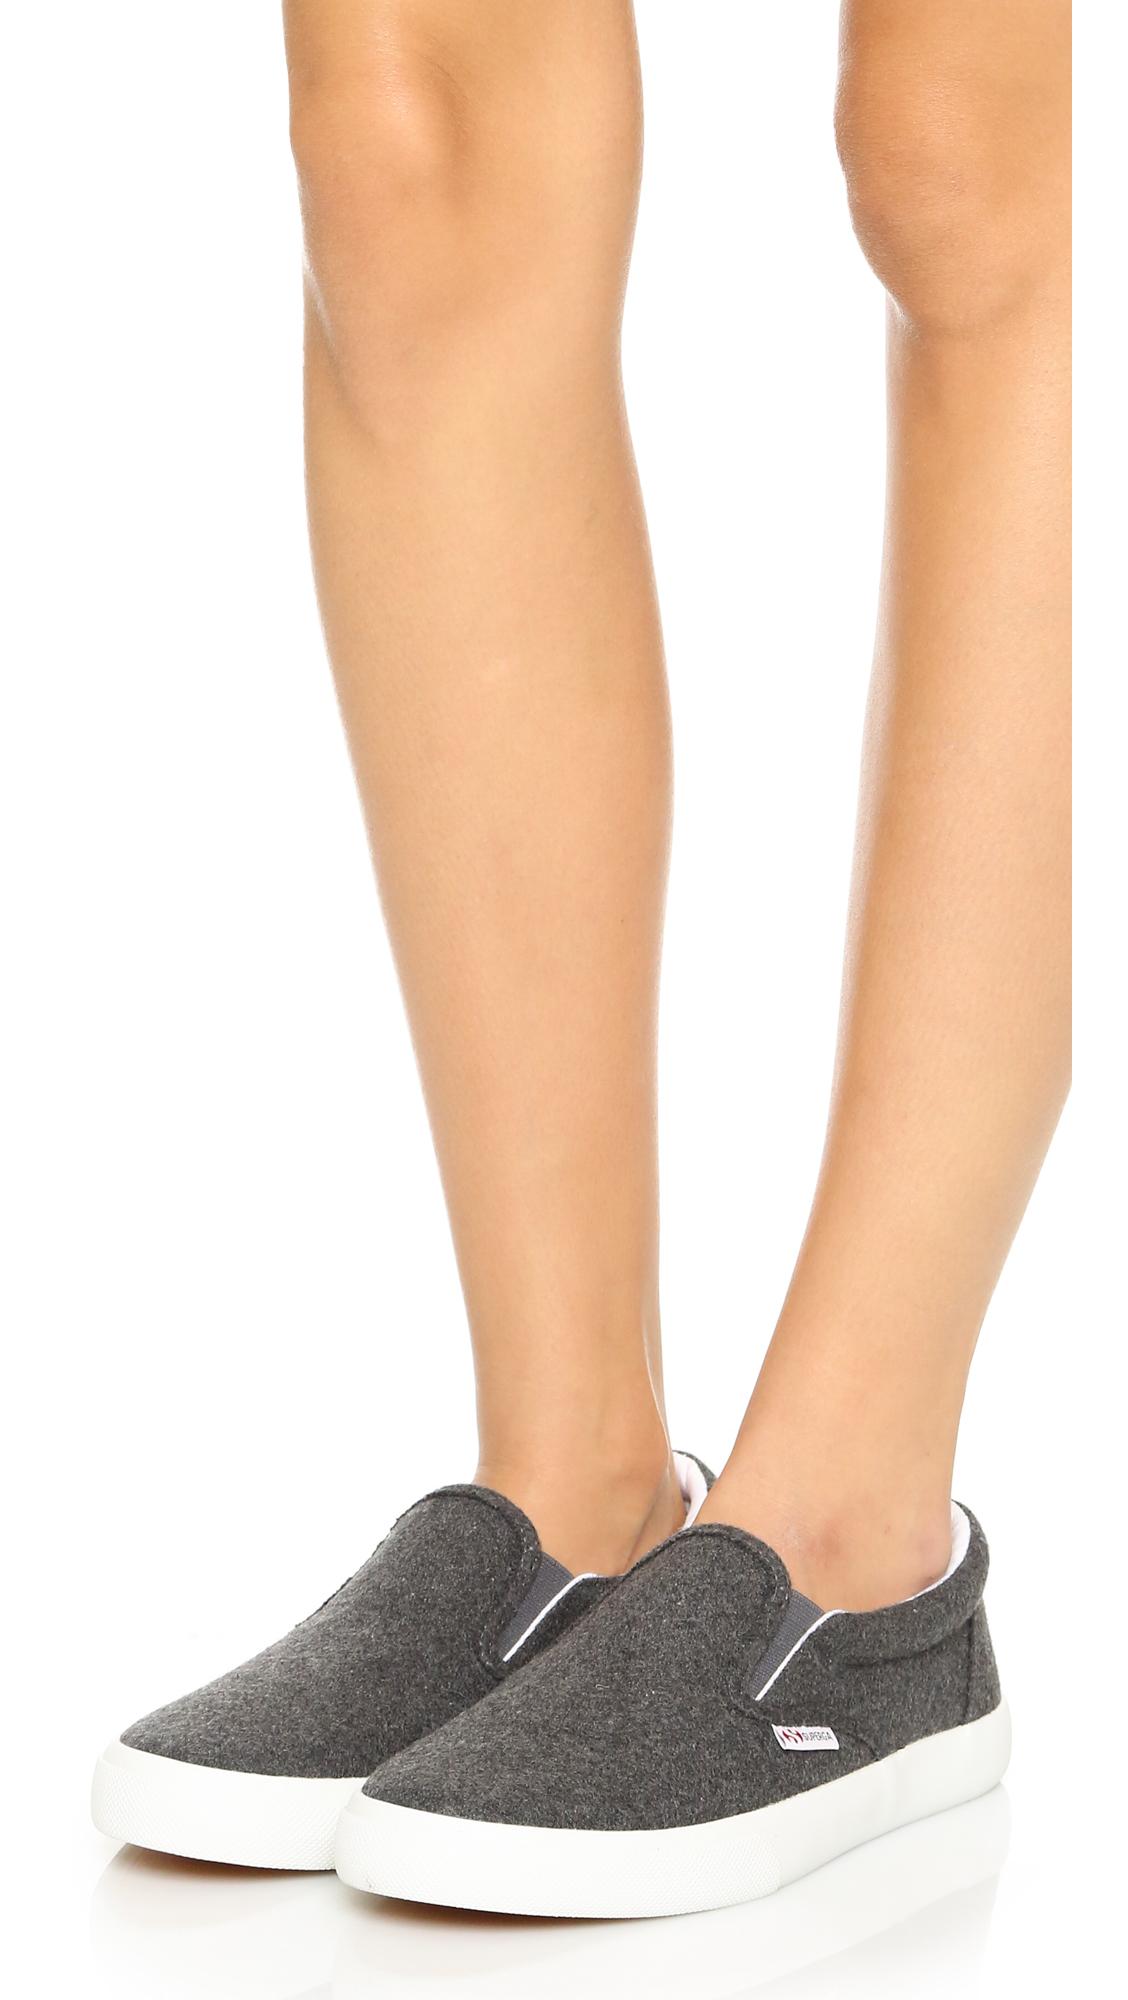 Superga 2311 Wool Slip On Sneakers in